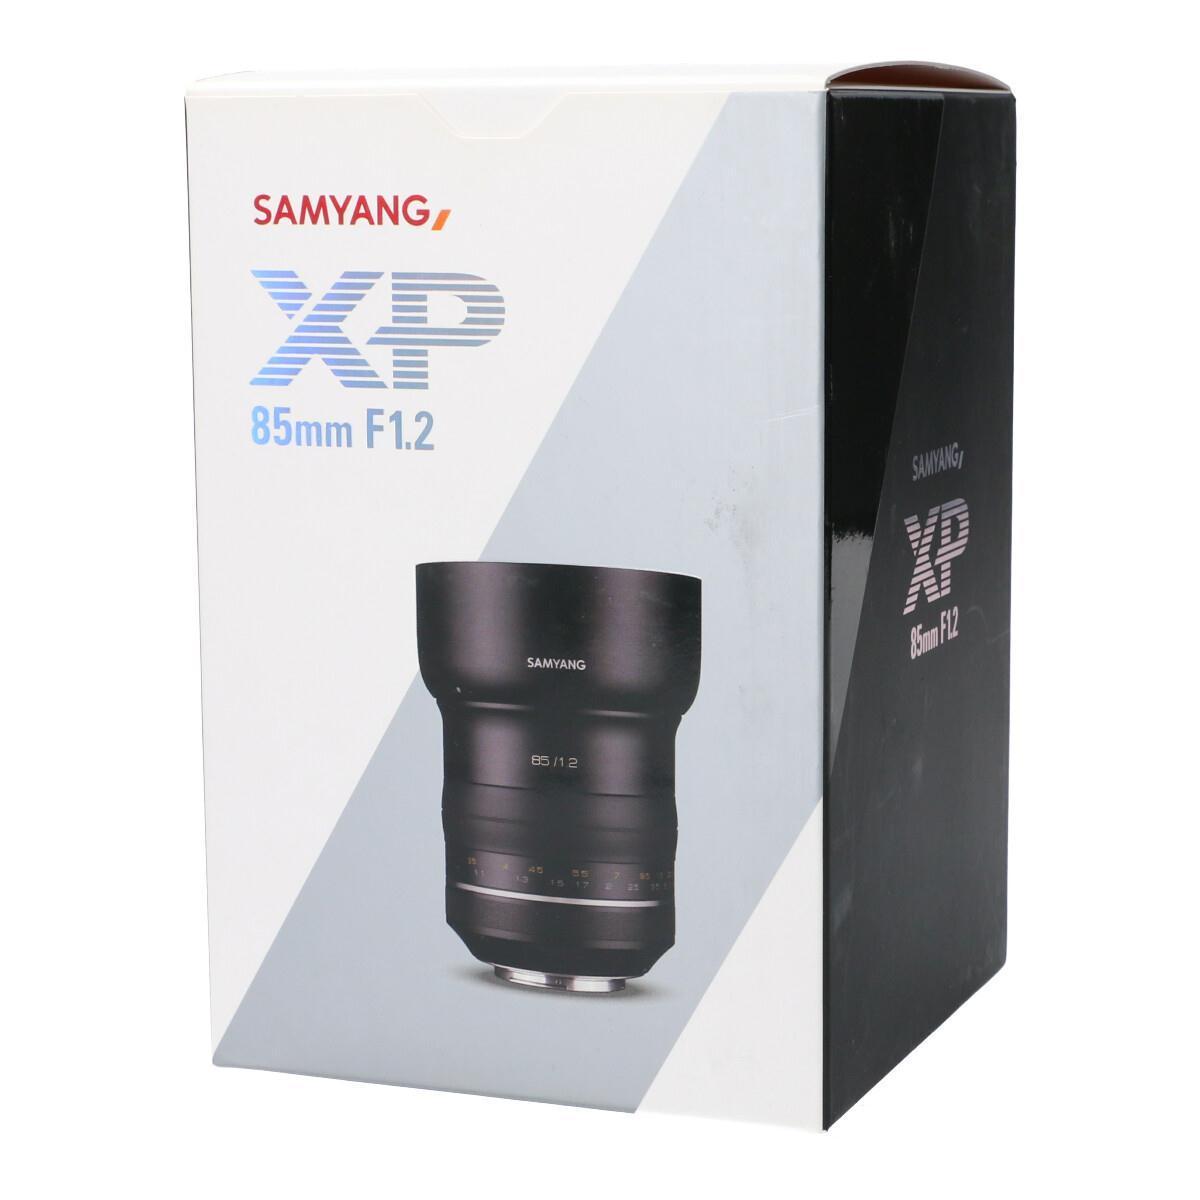 【未使用品】SAMYANG EOS XP85mm F1.2【中古】